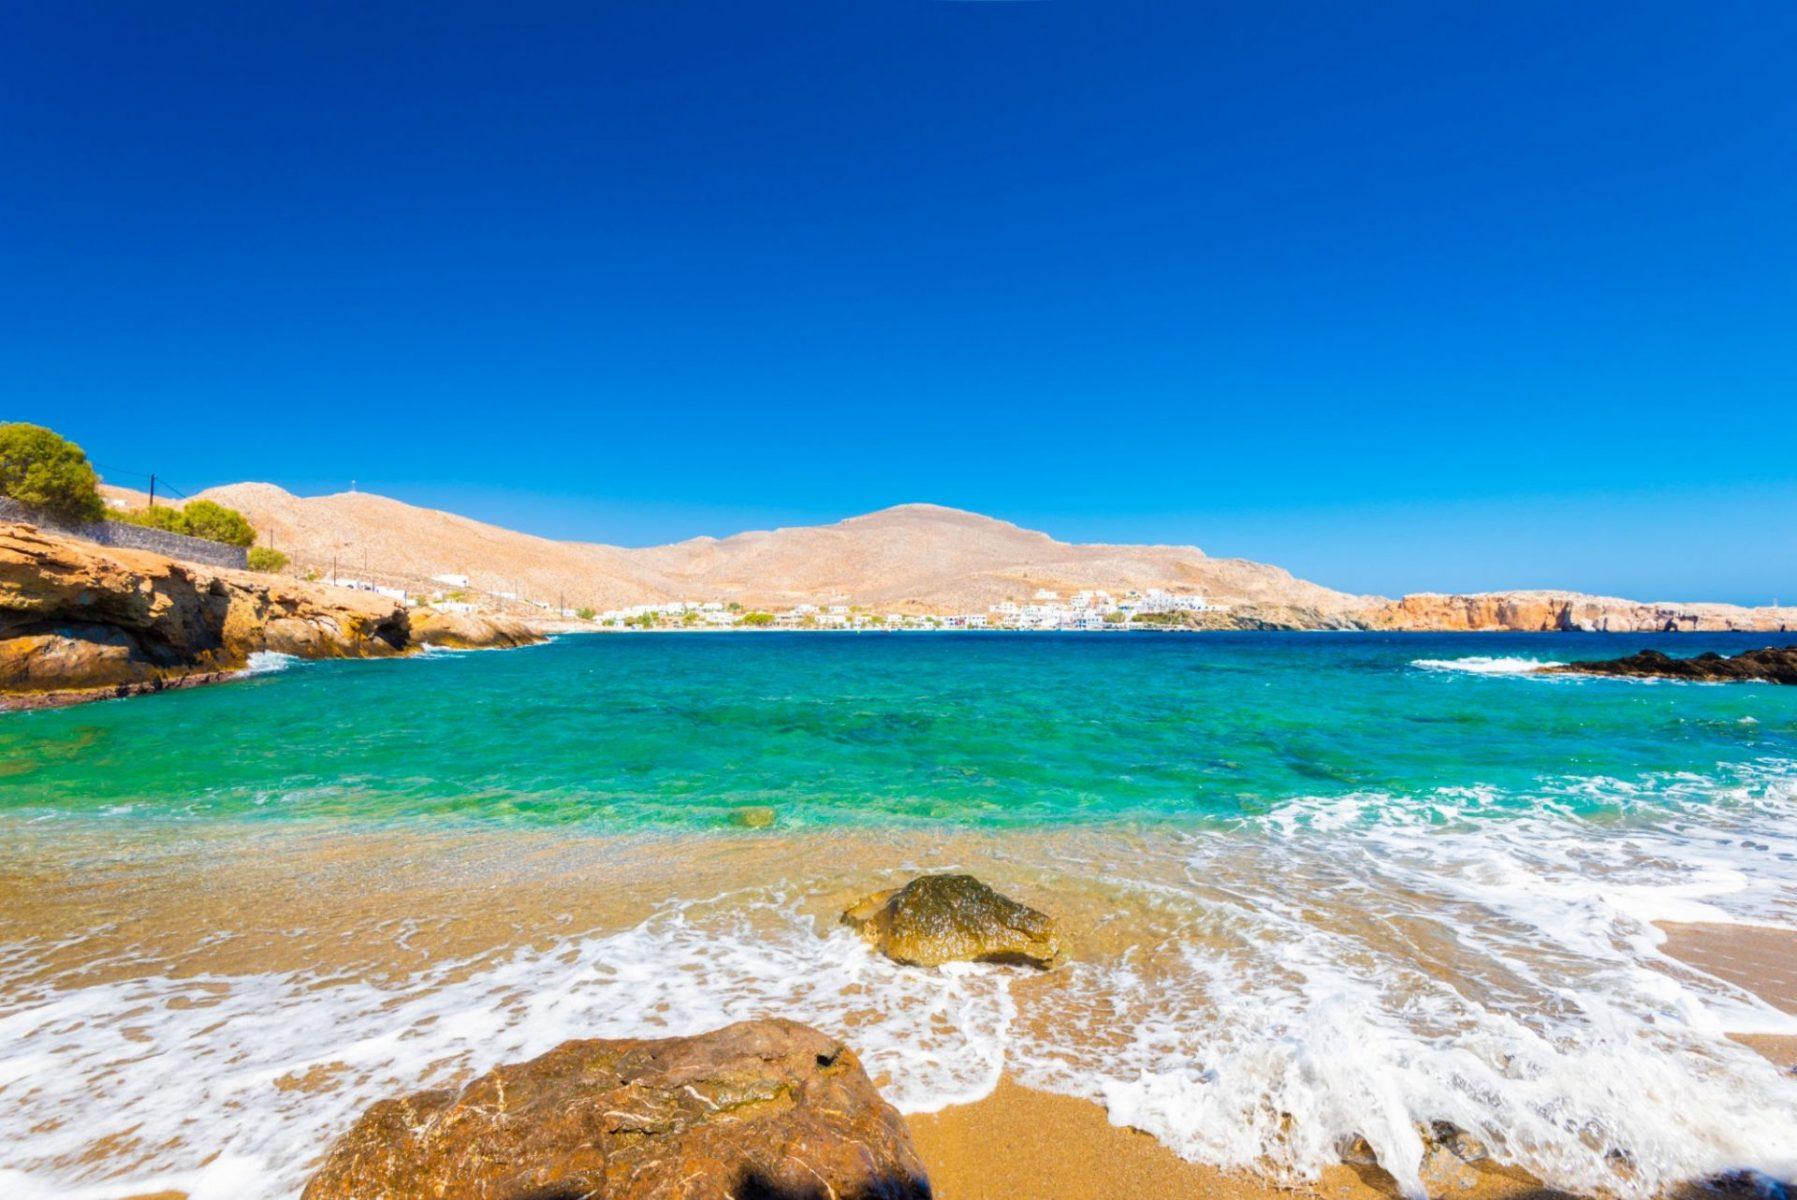 Παραλίες που θυμίζουν Καραϊβική, ηλιοβασίλεμα-όνειρο: Το μικρό ελληνικό νησί που παρακαλάμε να μην μάθουν οι ξένοι